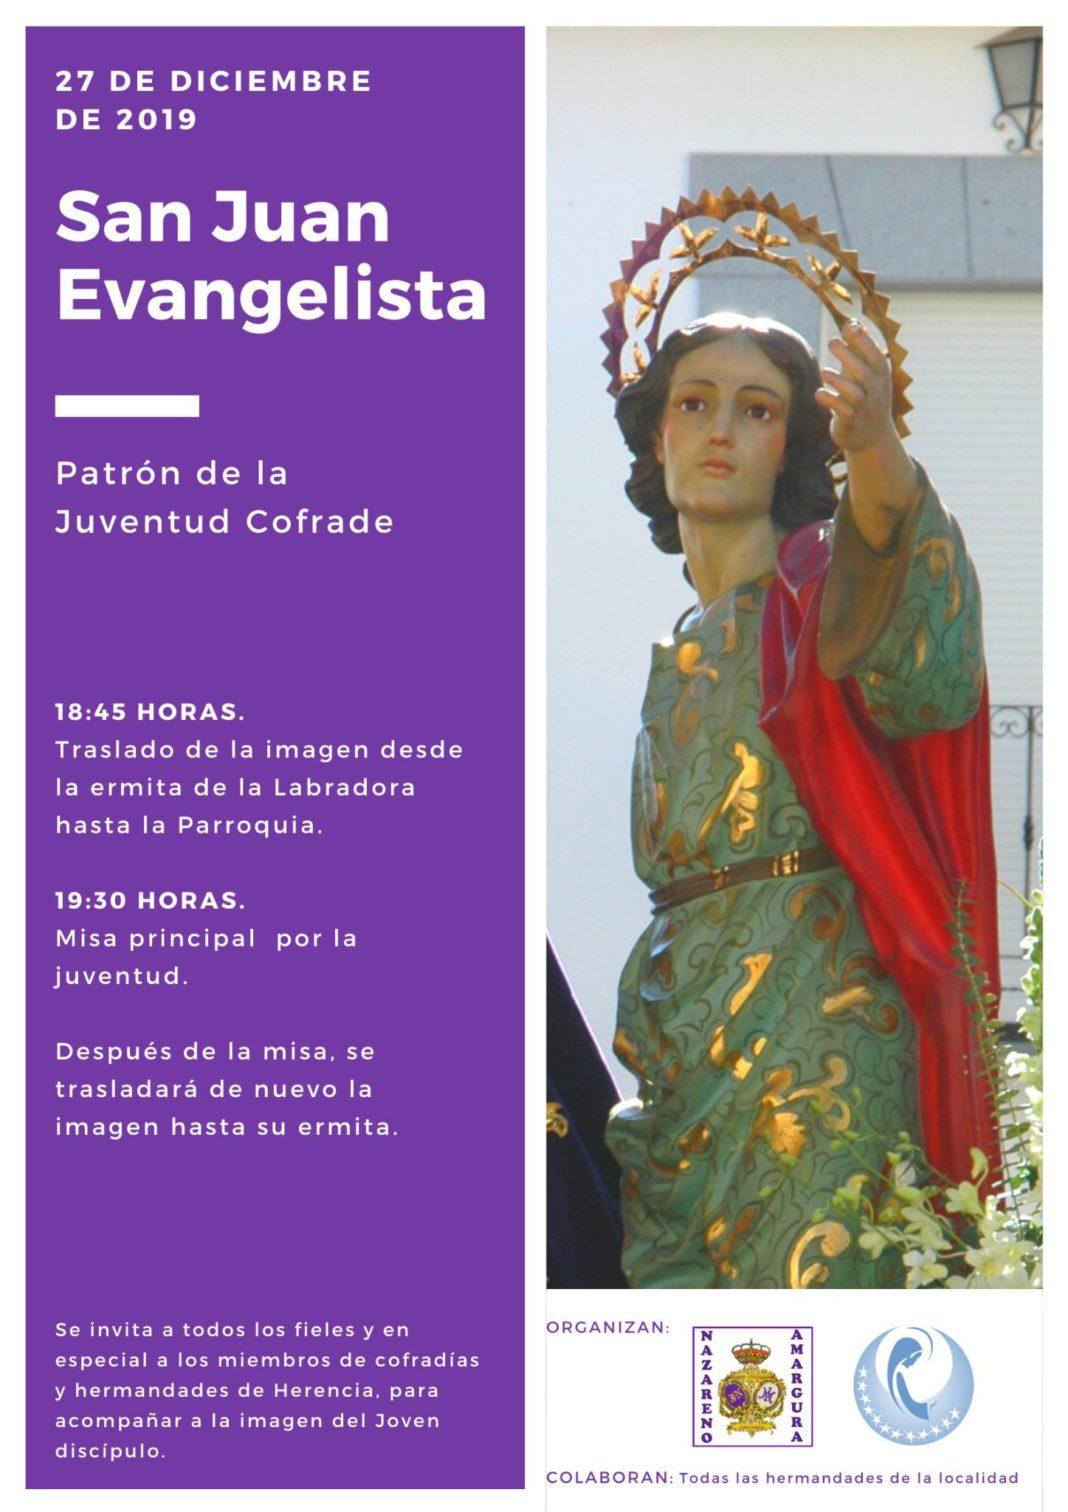 festividad de san juan evangelista en Herencia 1068x1512 - Traslado extraordinario de la imagen de San Juan Evangelista